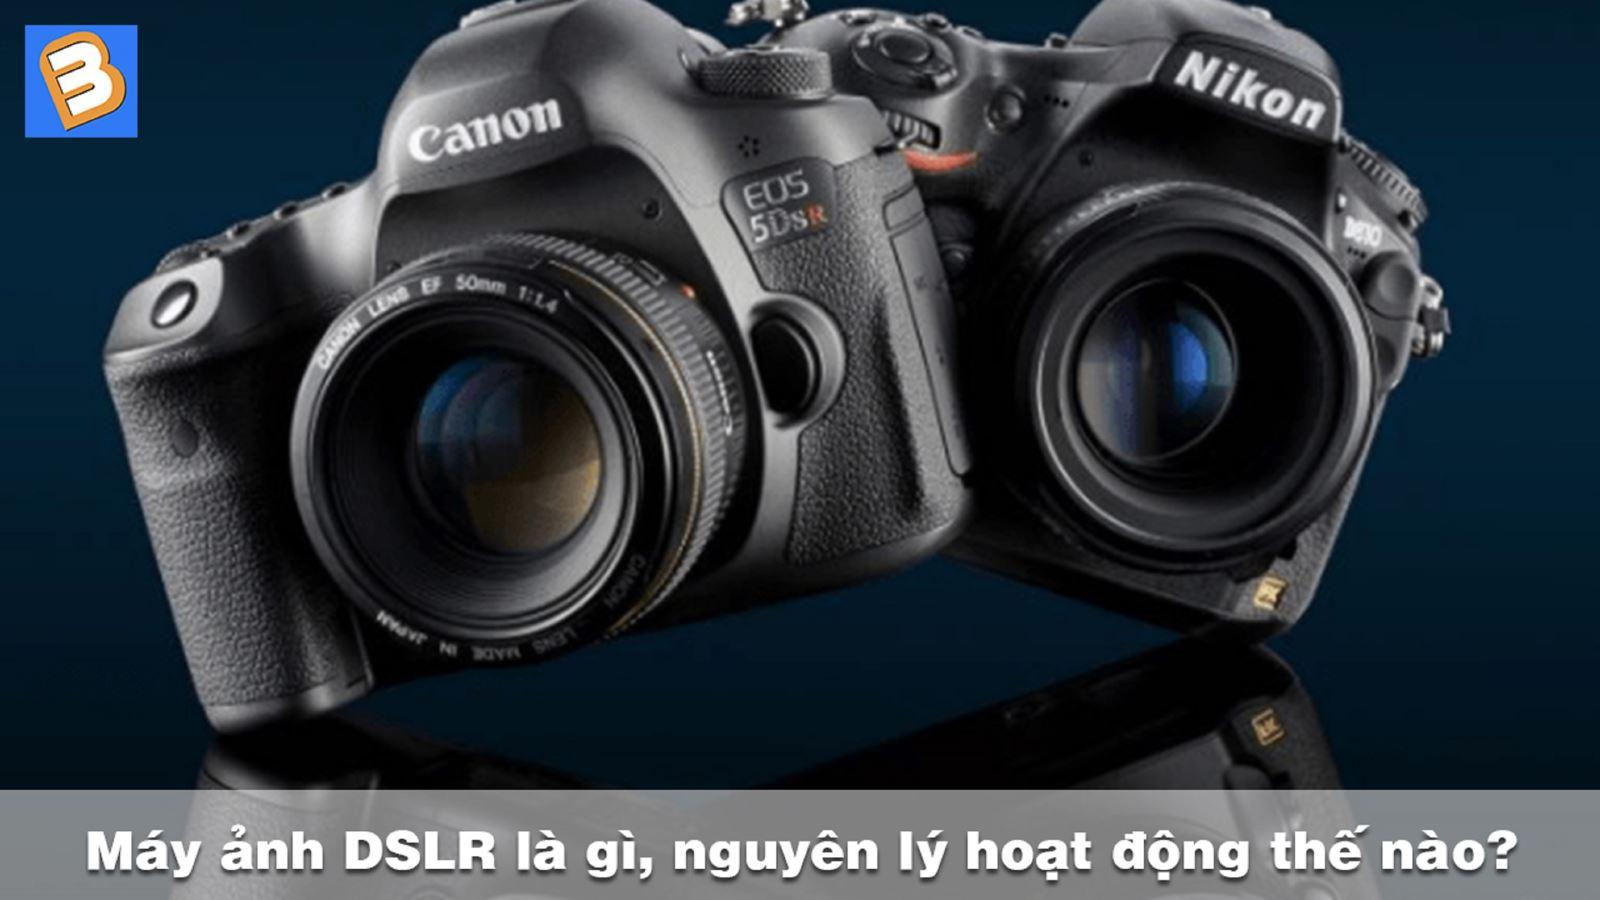 Máy ảnh DSLR là gì, nguyên lýhoạt độngthế nào?